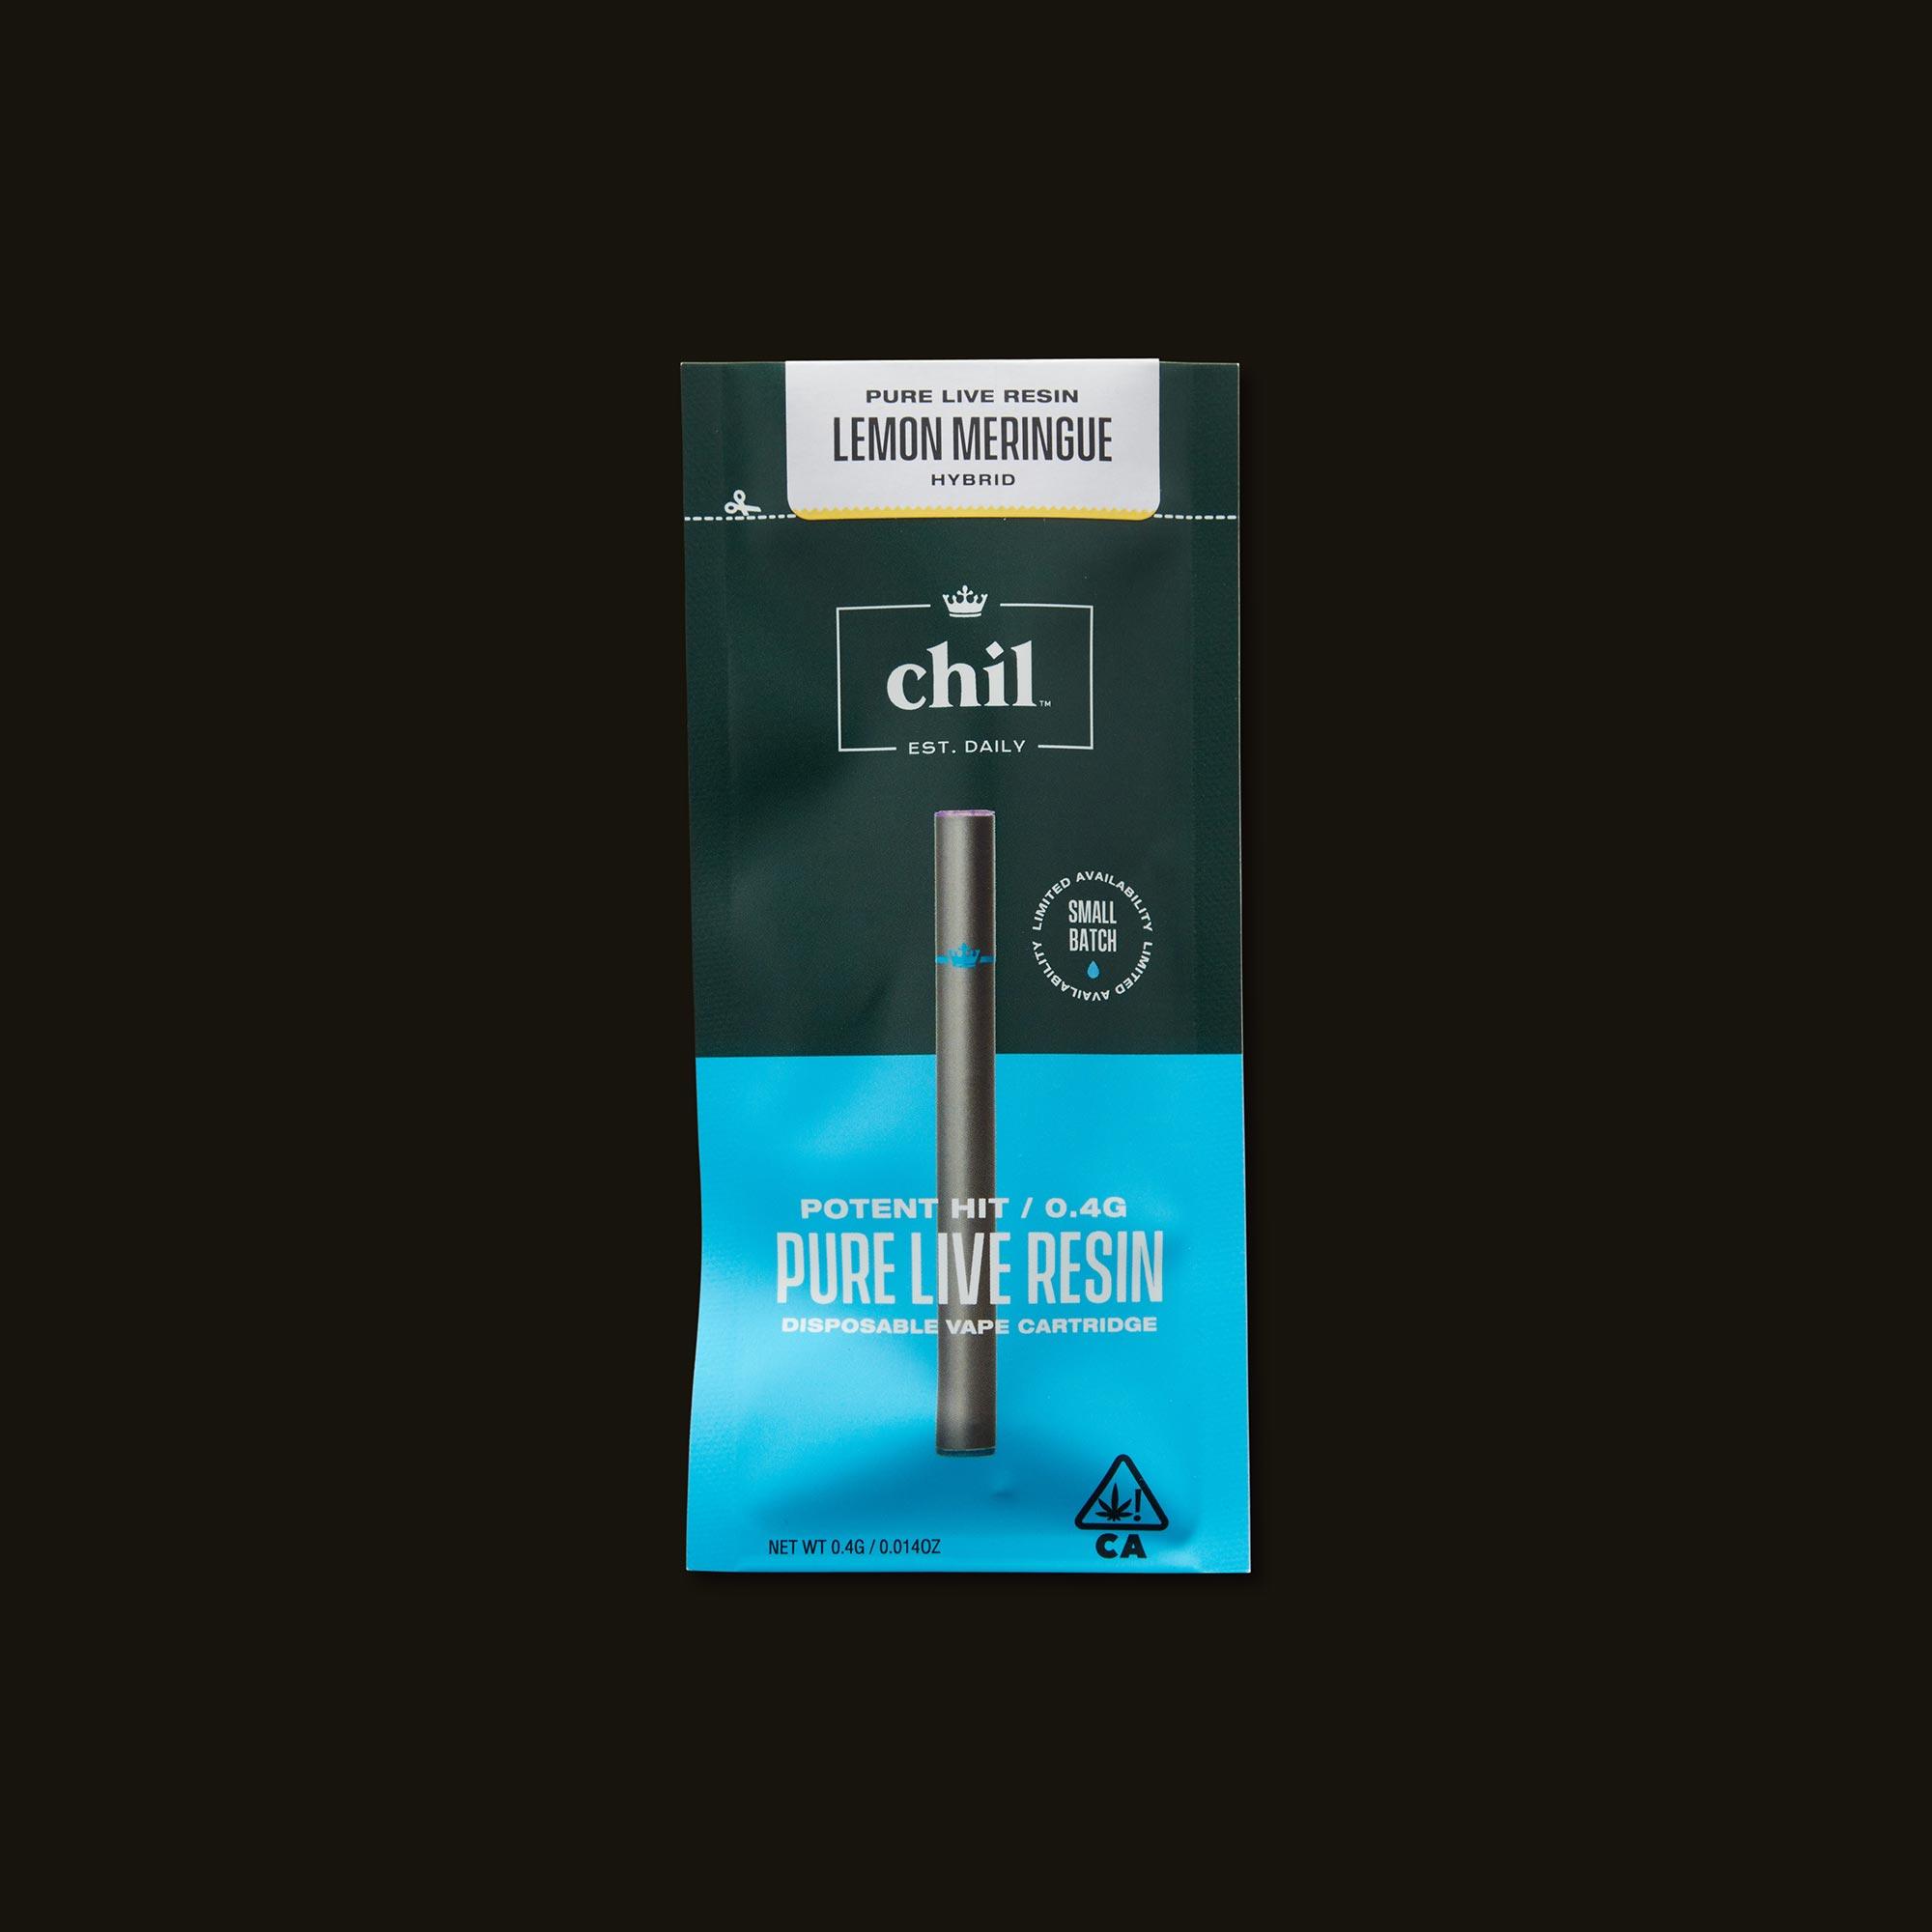 Chil Lemon Meringue Pure Live Resin Disposable Vape Pen Front of Package